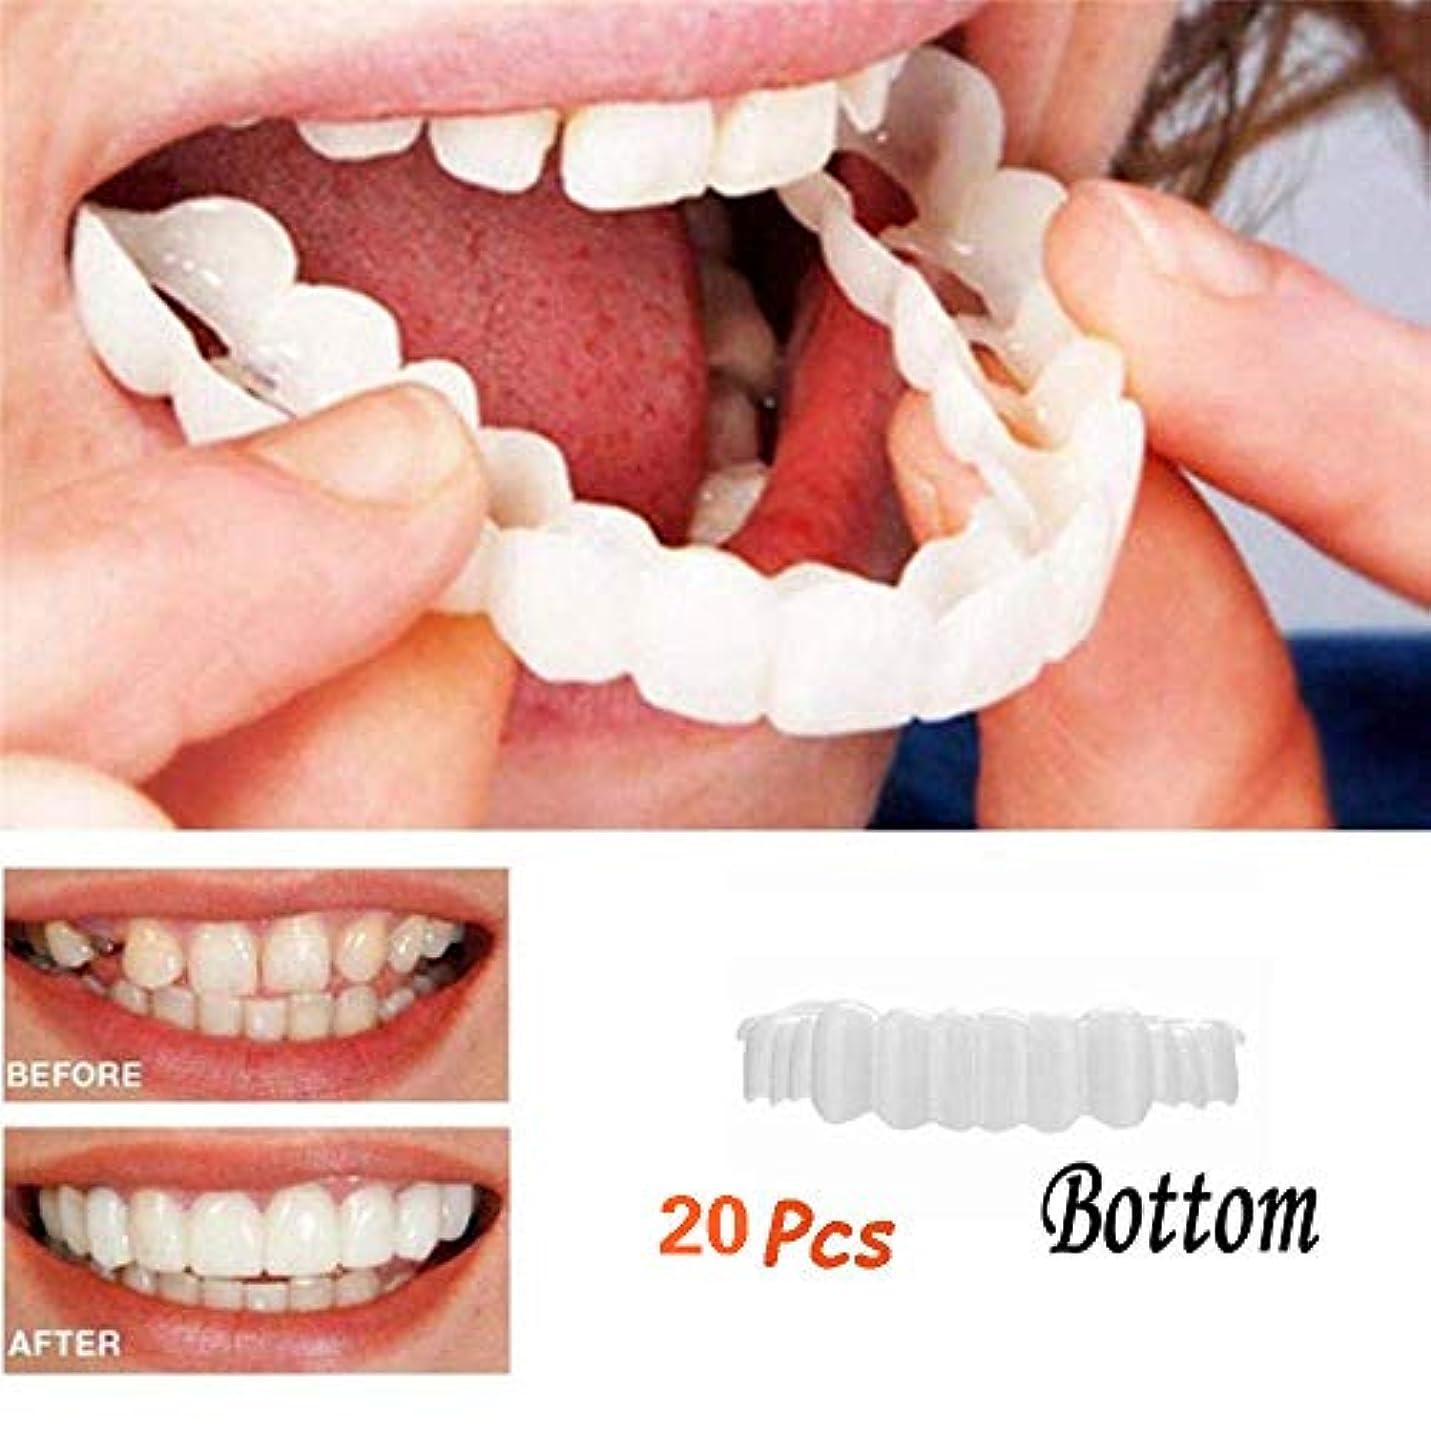 パターン広がりお父さんボトム化粧品歯コンフォートフィットフレックス化粧品歯コーブ義歯歯磨き粉インスタントスマイルサイズにぴったり-20個